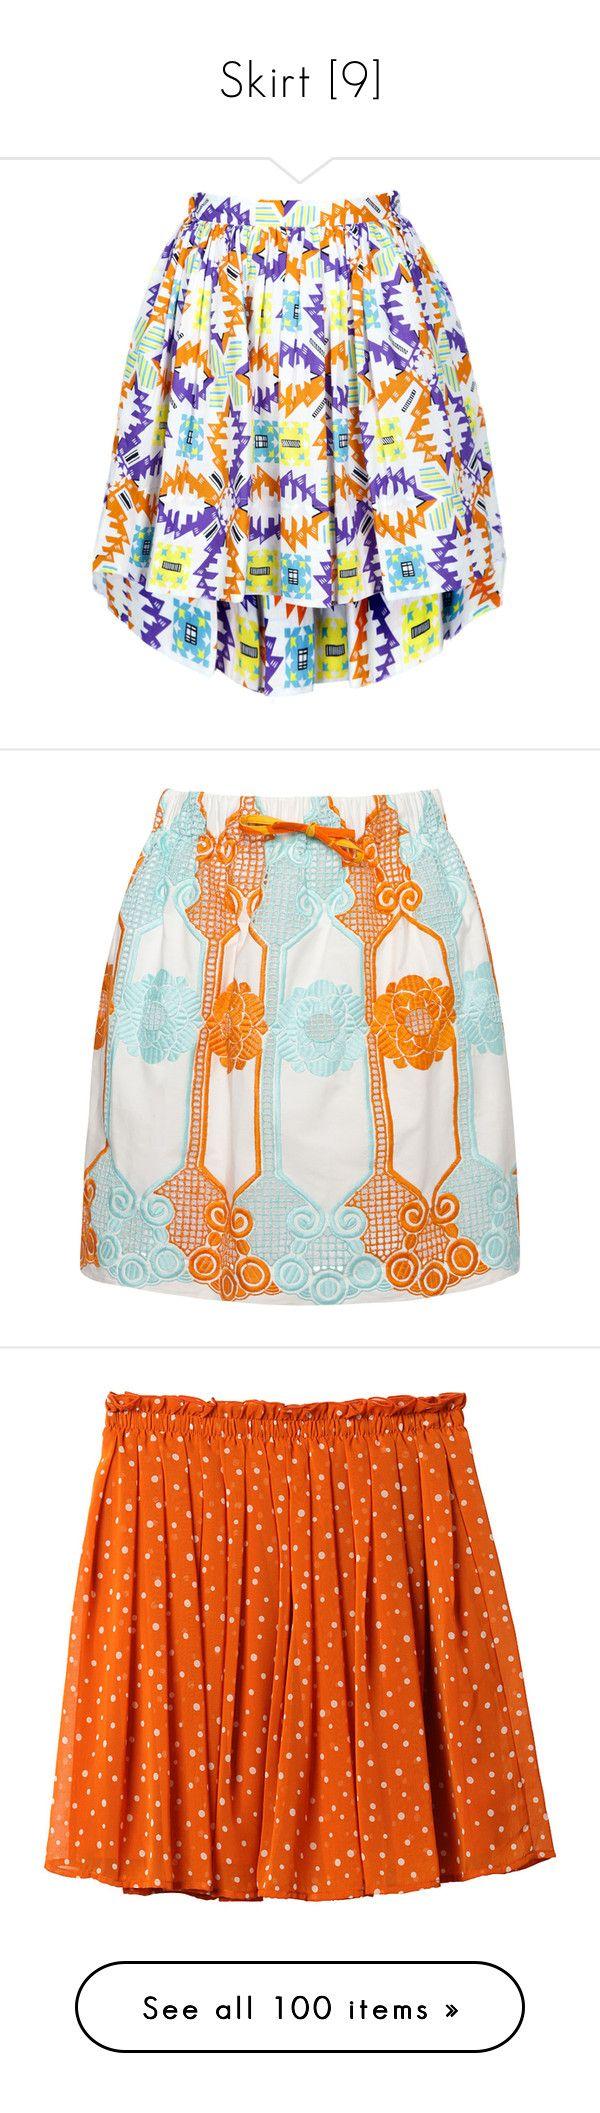 """""""Skirt [9]"""" by gdavilla ❤ liked on Polyvore featuring skirts, bottoms, faldas, hi lo skirt, hi low skirt, skater skirt, tribal skirt, frilly skirt, multi and flower print skirt"""